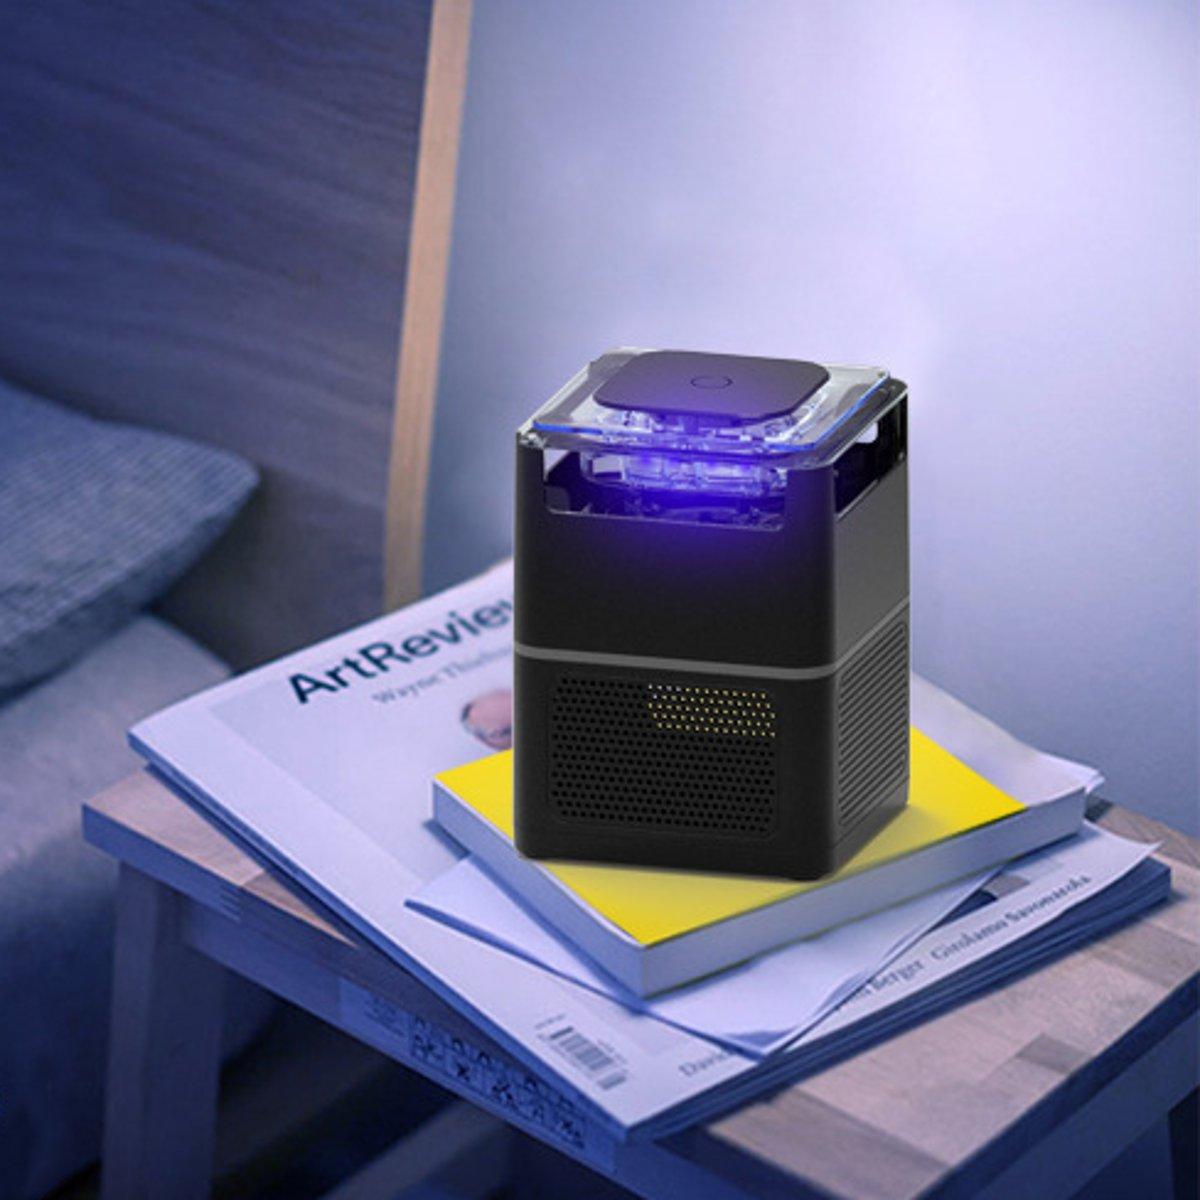 https://i0.wp.com/ae01.alicdn.com/kf/HTB18rR_txSYBuNjSspjq6x73VXaL/ABS-LED-Elektrischen-Insektenvernichter-UV-M%C3%BCcken-Fly-Bug-Zapper-Catcher-USB-Betrieben-Hause-Garten-Sch%C3%A4dlingsbek%C3%A4mpfung-Supplies.jpg